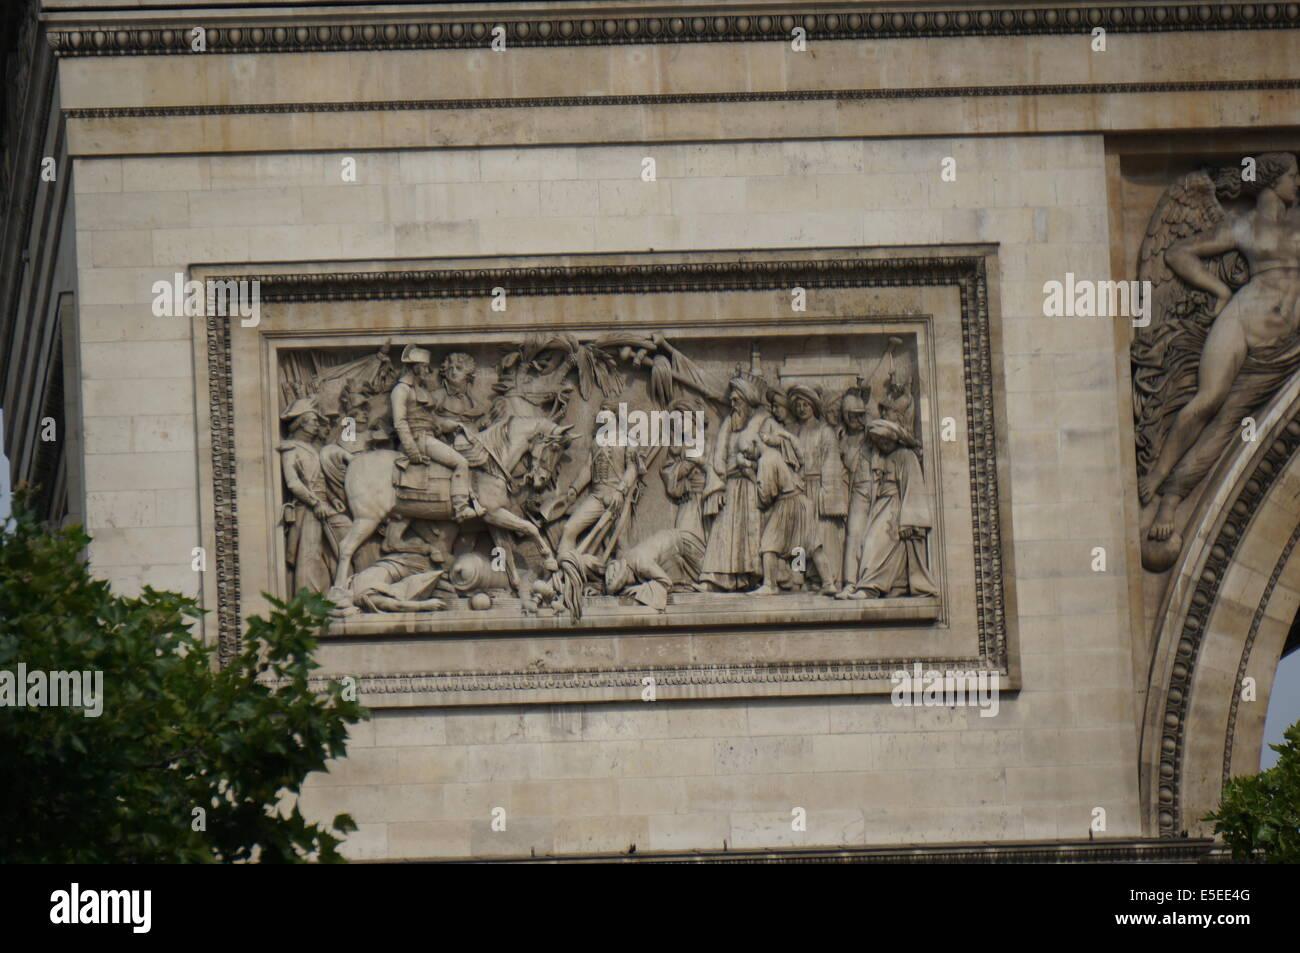 Fries Architektur klassische fries architektur detail des arc de triomphe